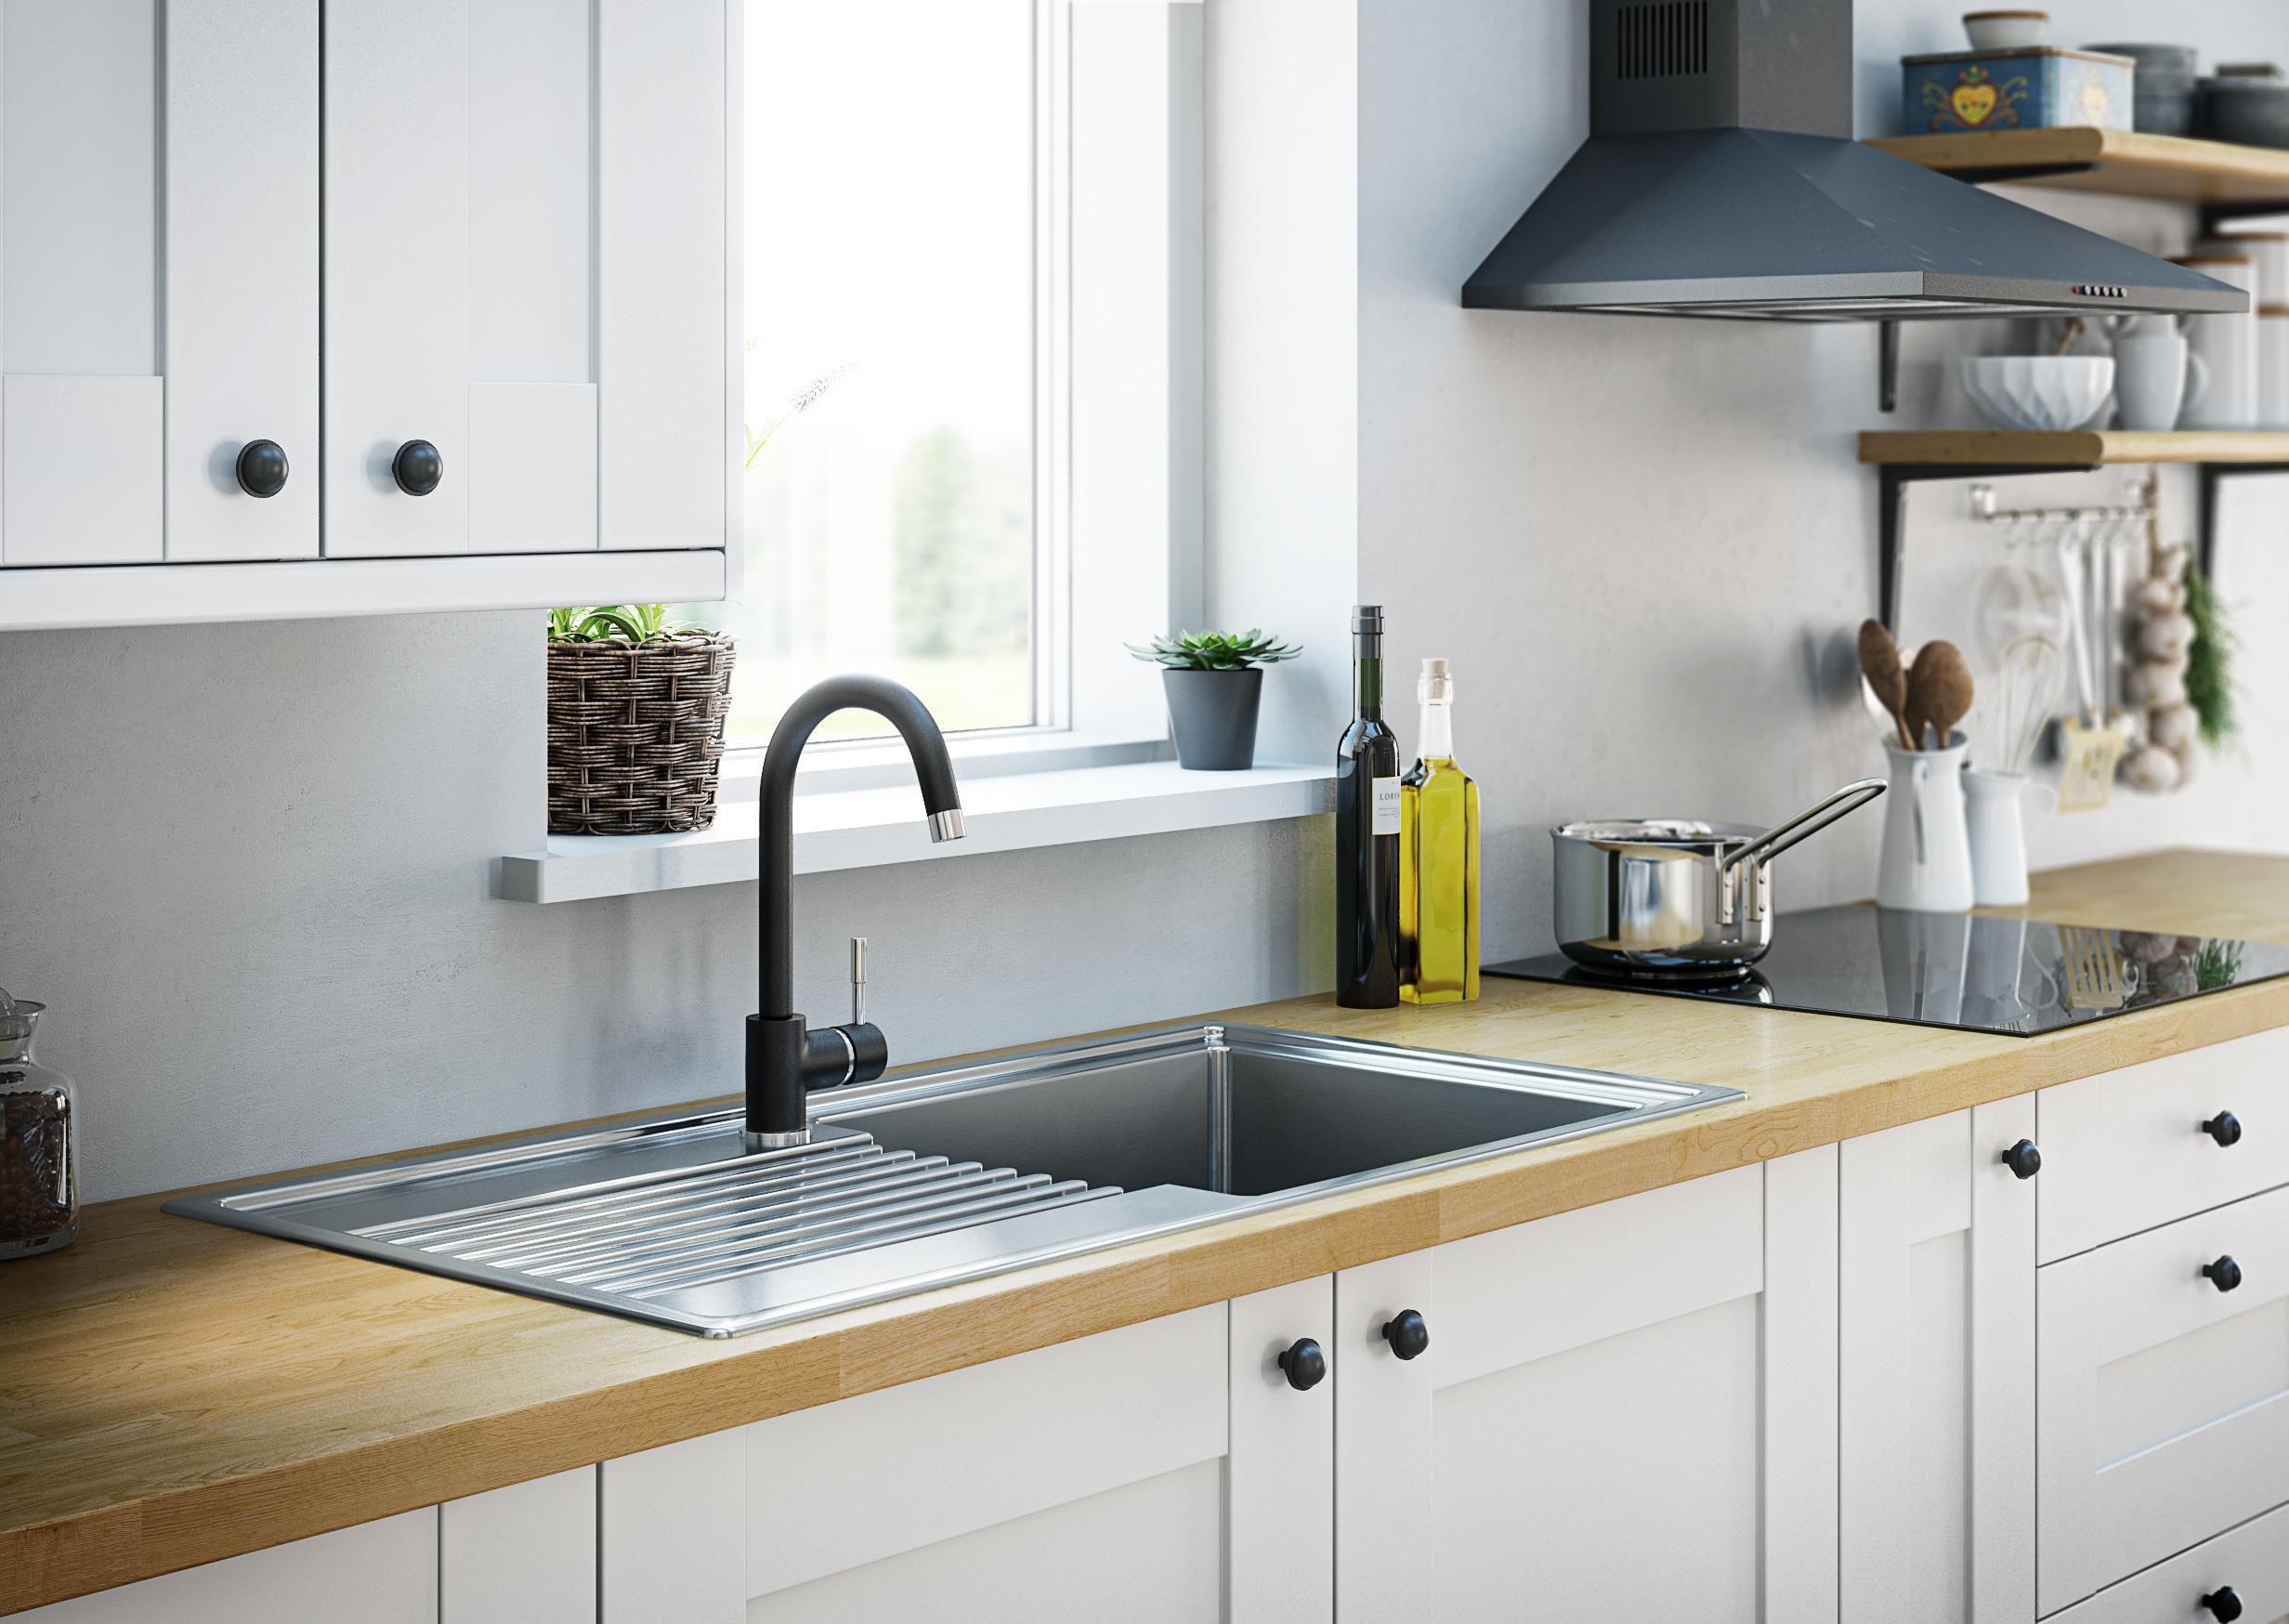 Etonnant Fine Kitchen Sinks Taps Photos   Best House Designs Photos .